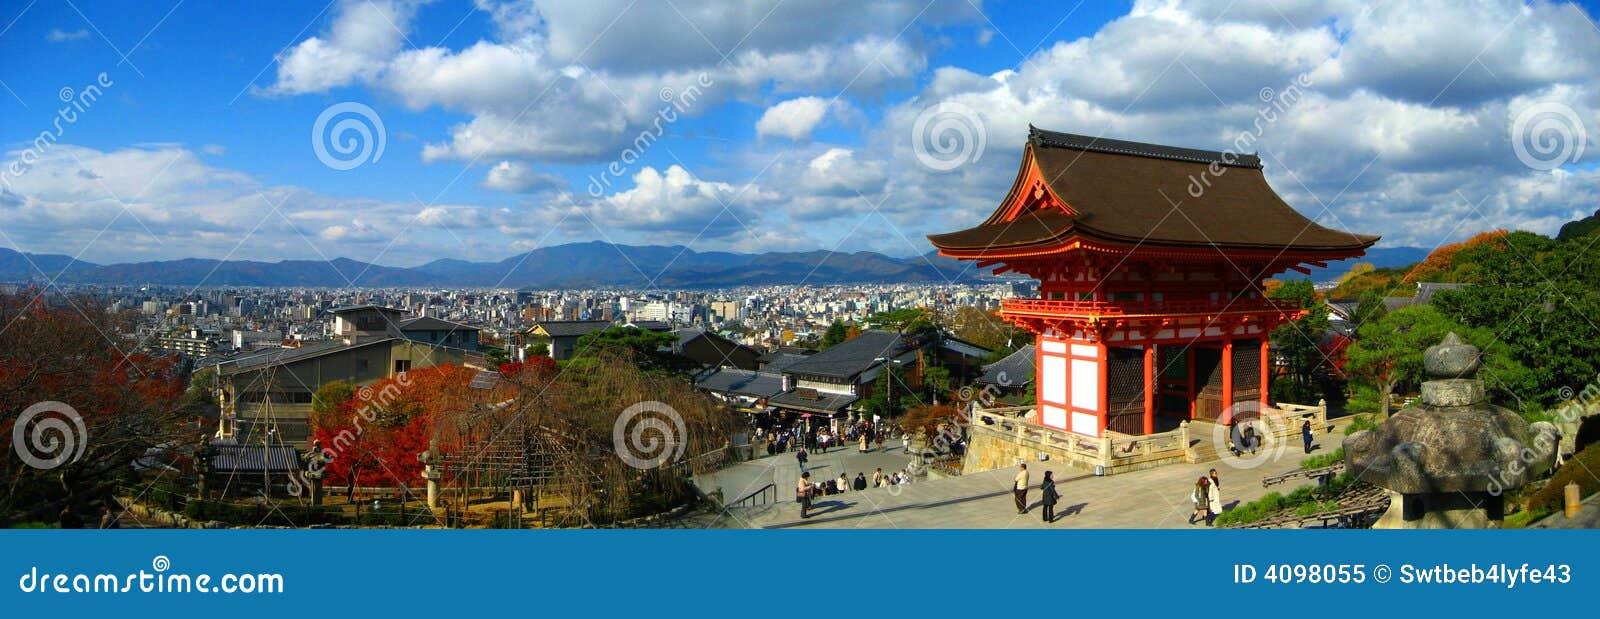 πανοραμικός ναός kiyomizu dera